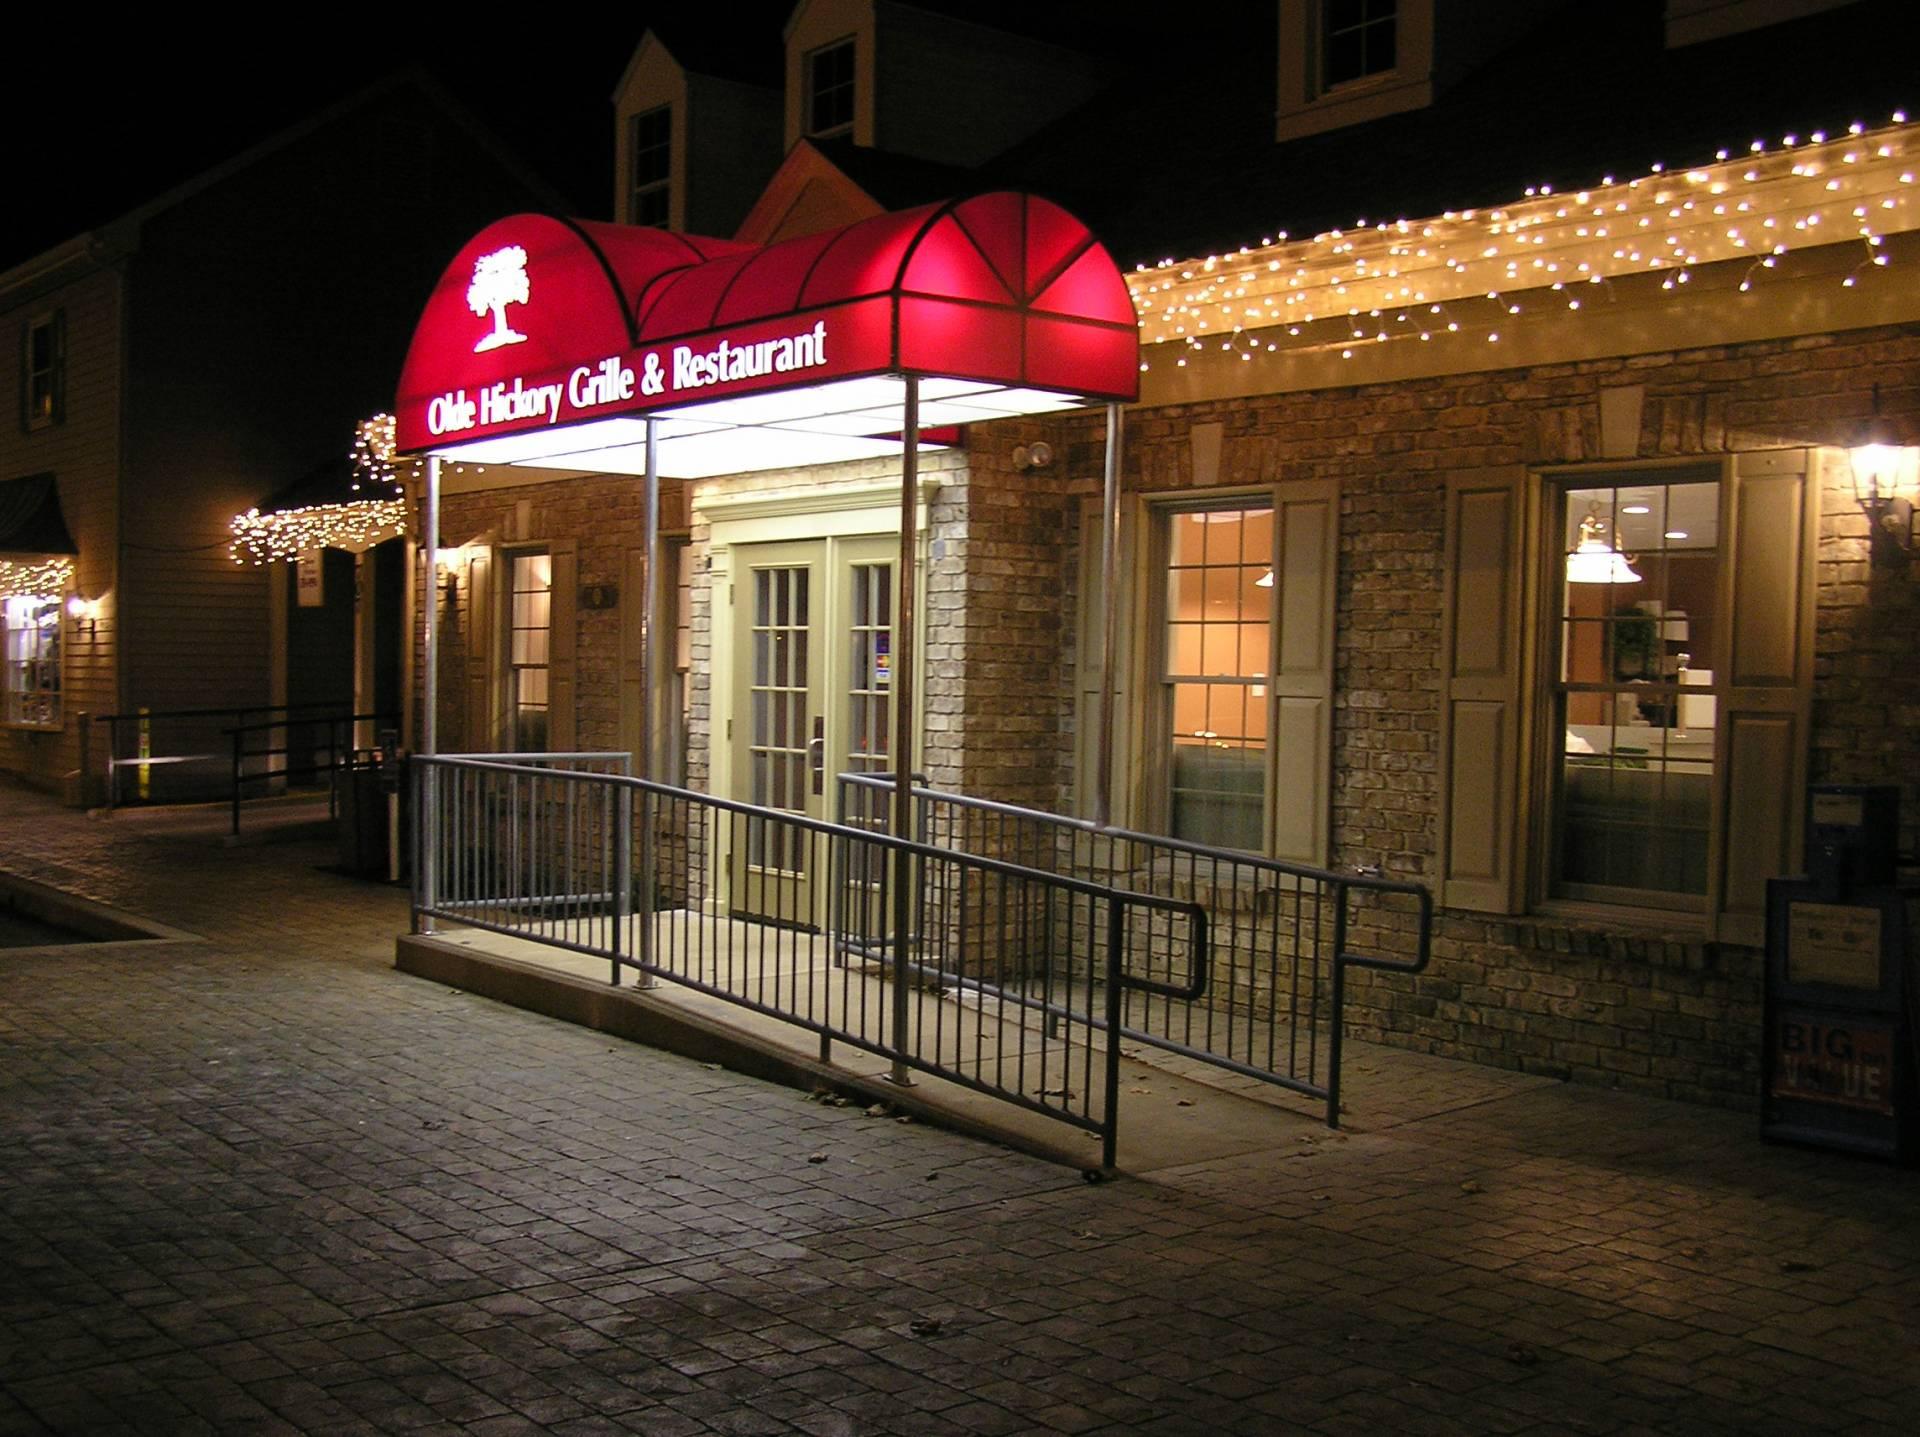 Old Hickory Grille Amp Restaurant Backlit Entrance Canopy